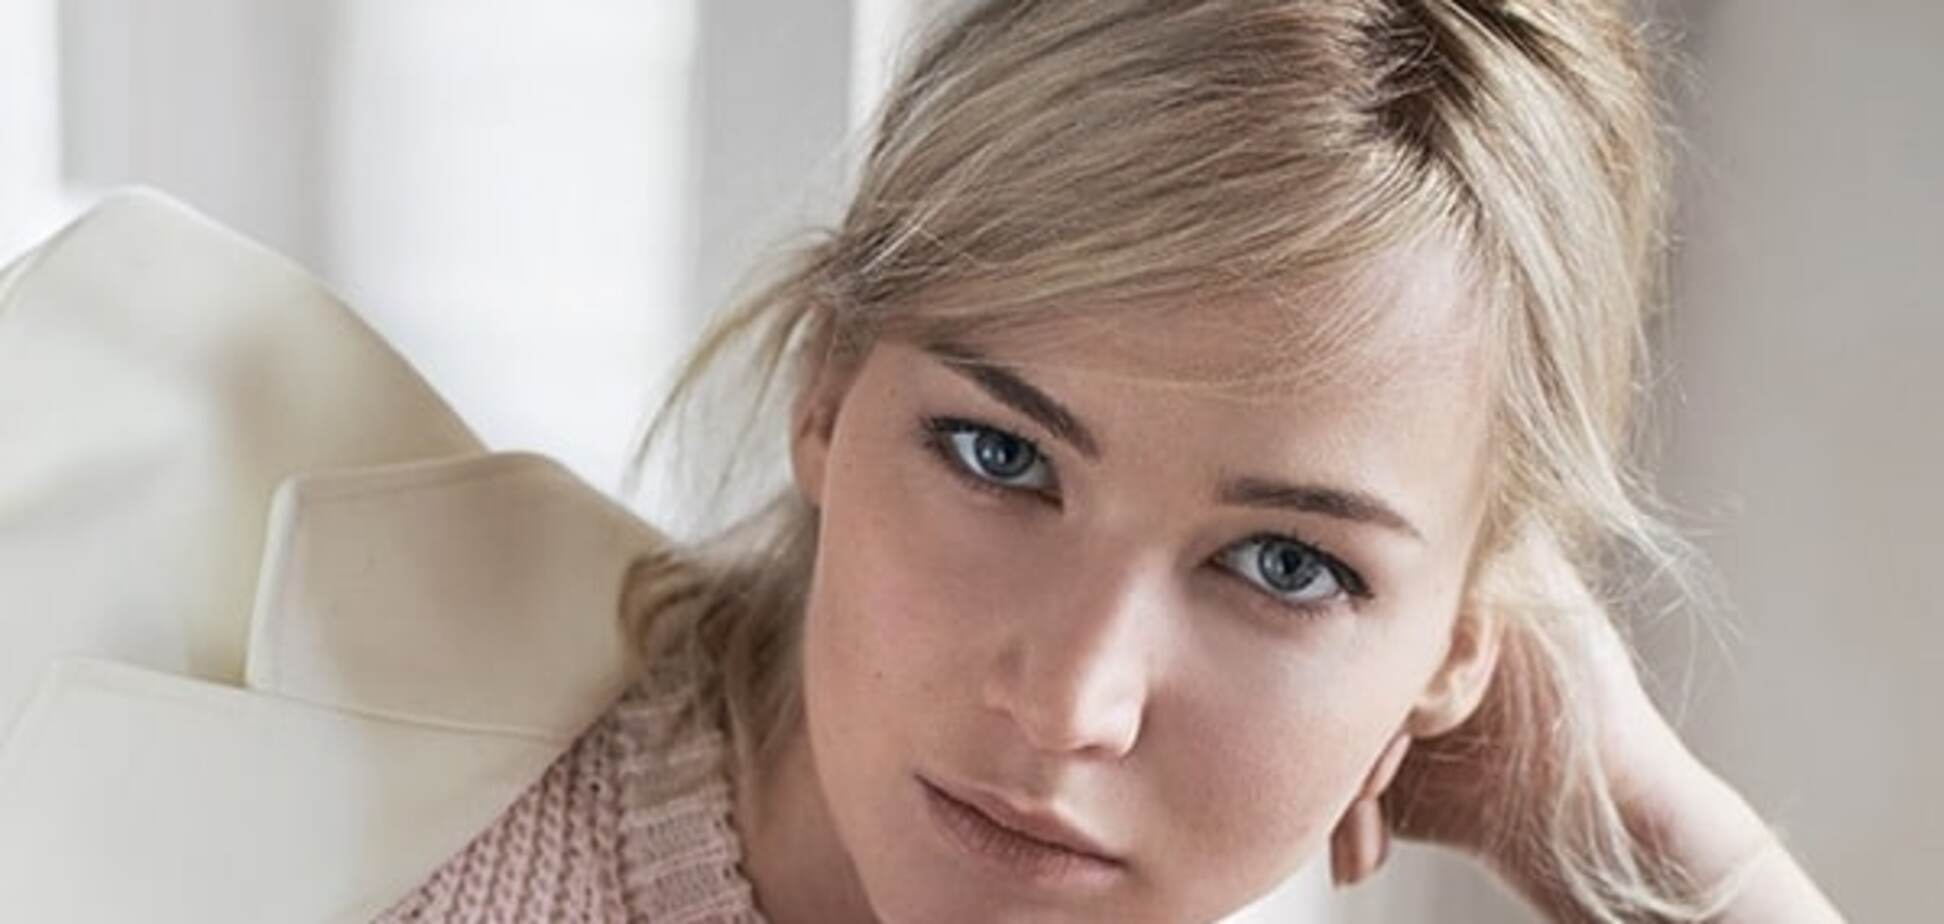 Дженнифер Лоуренс стала лицом новой рекламной кампании Dior